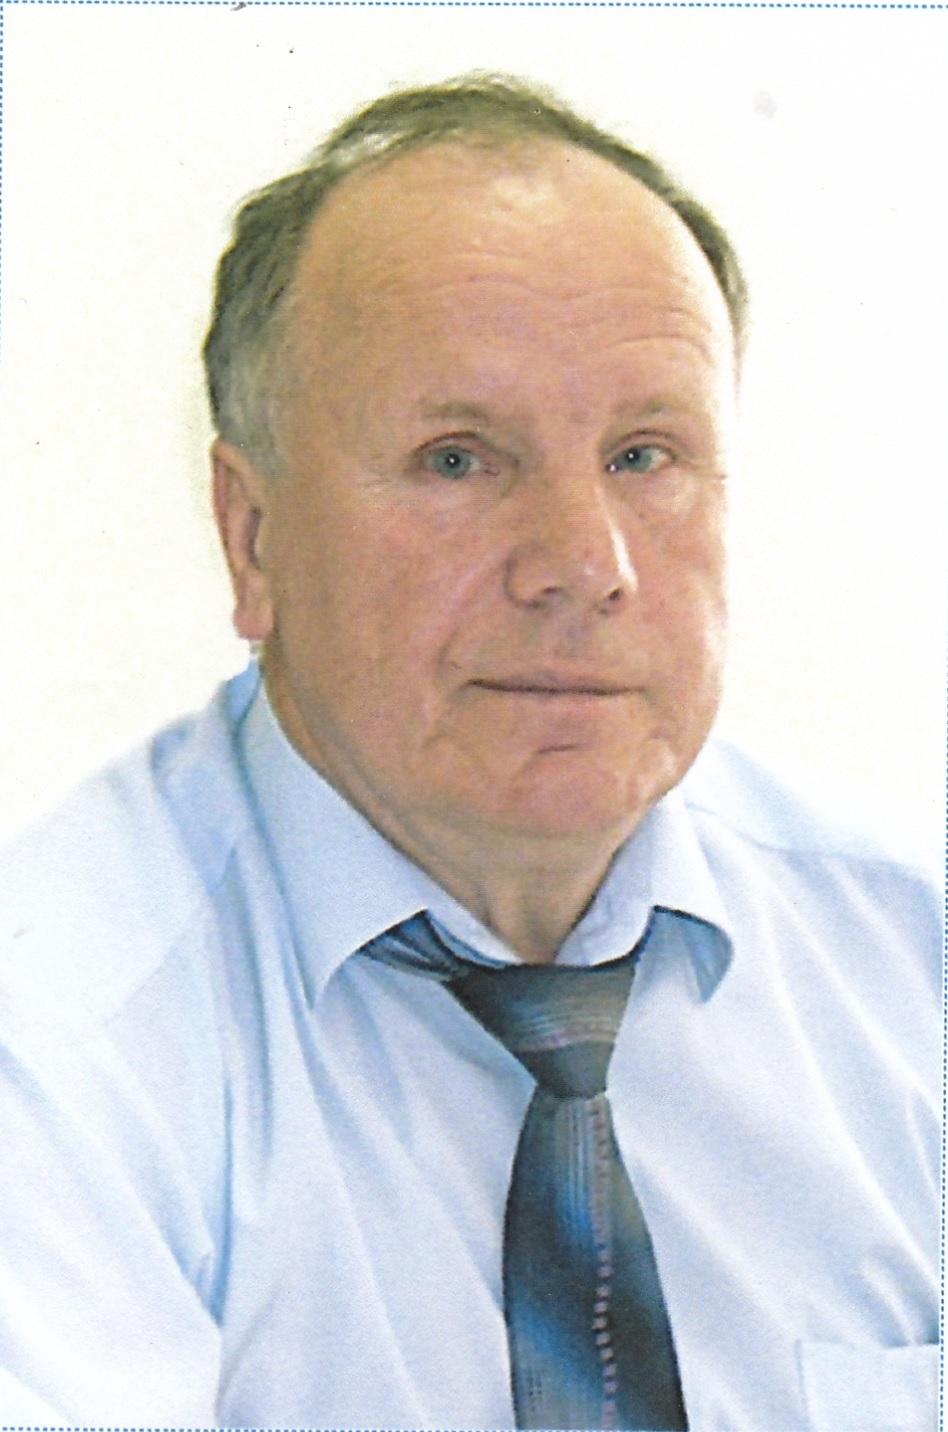 Евгений Геннадьевич НАГОРОВ, Председатель Совета